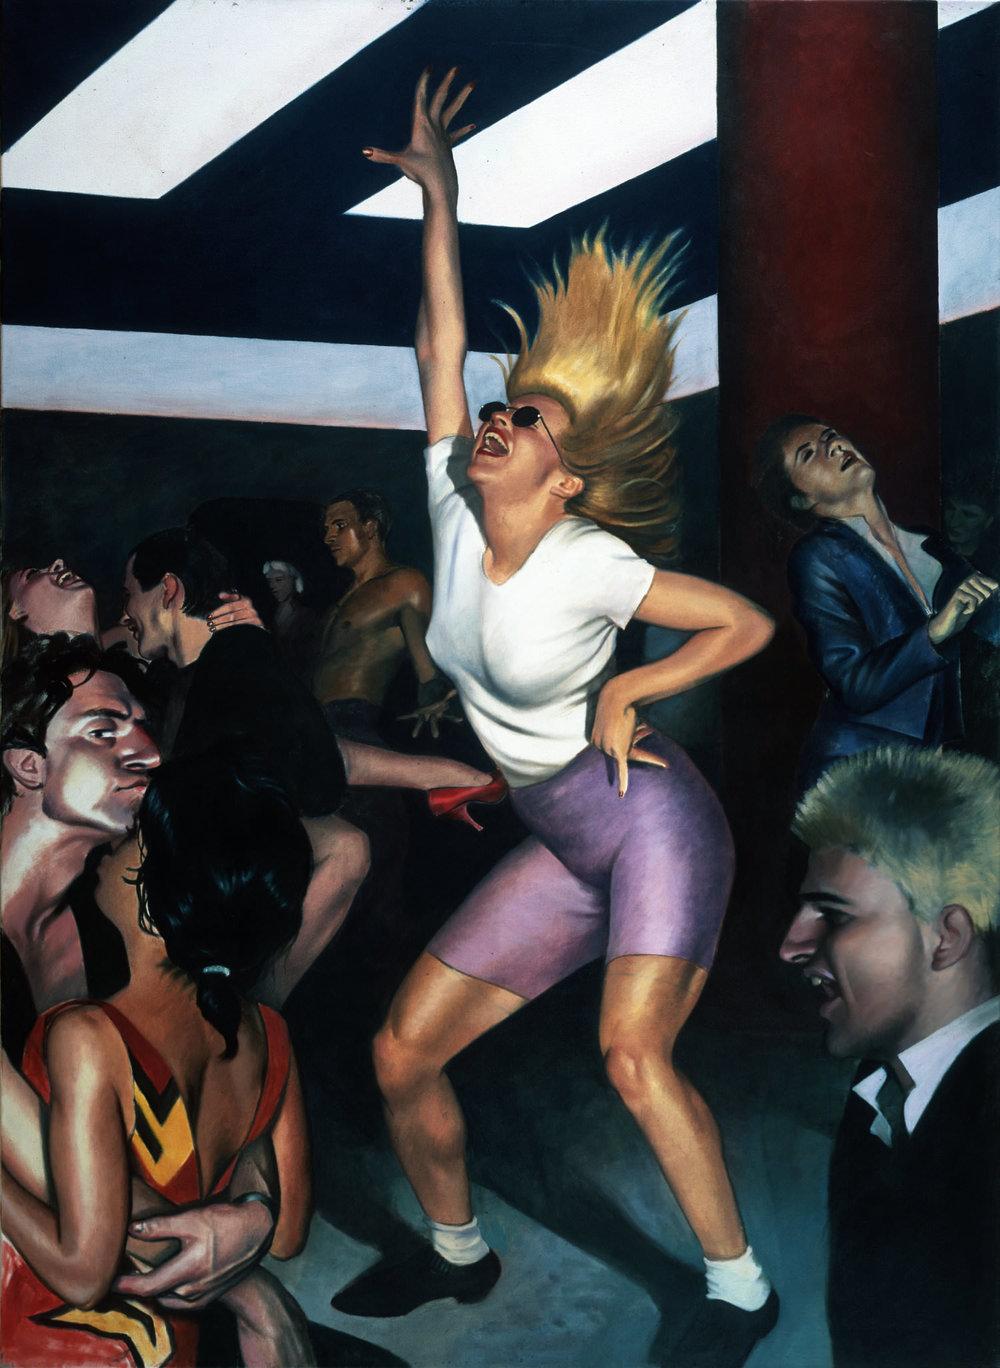 Nightclubbing 1